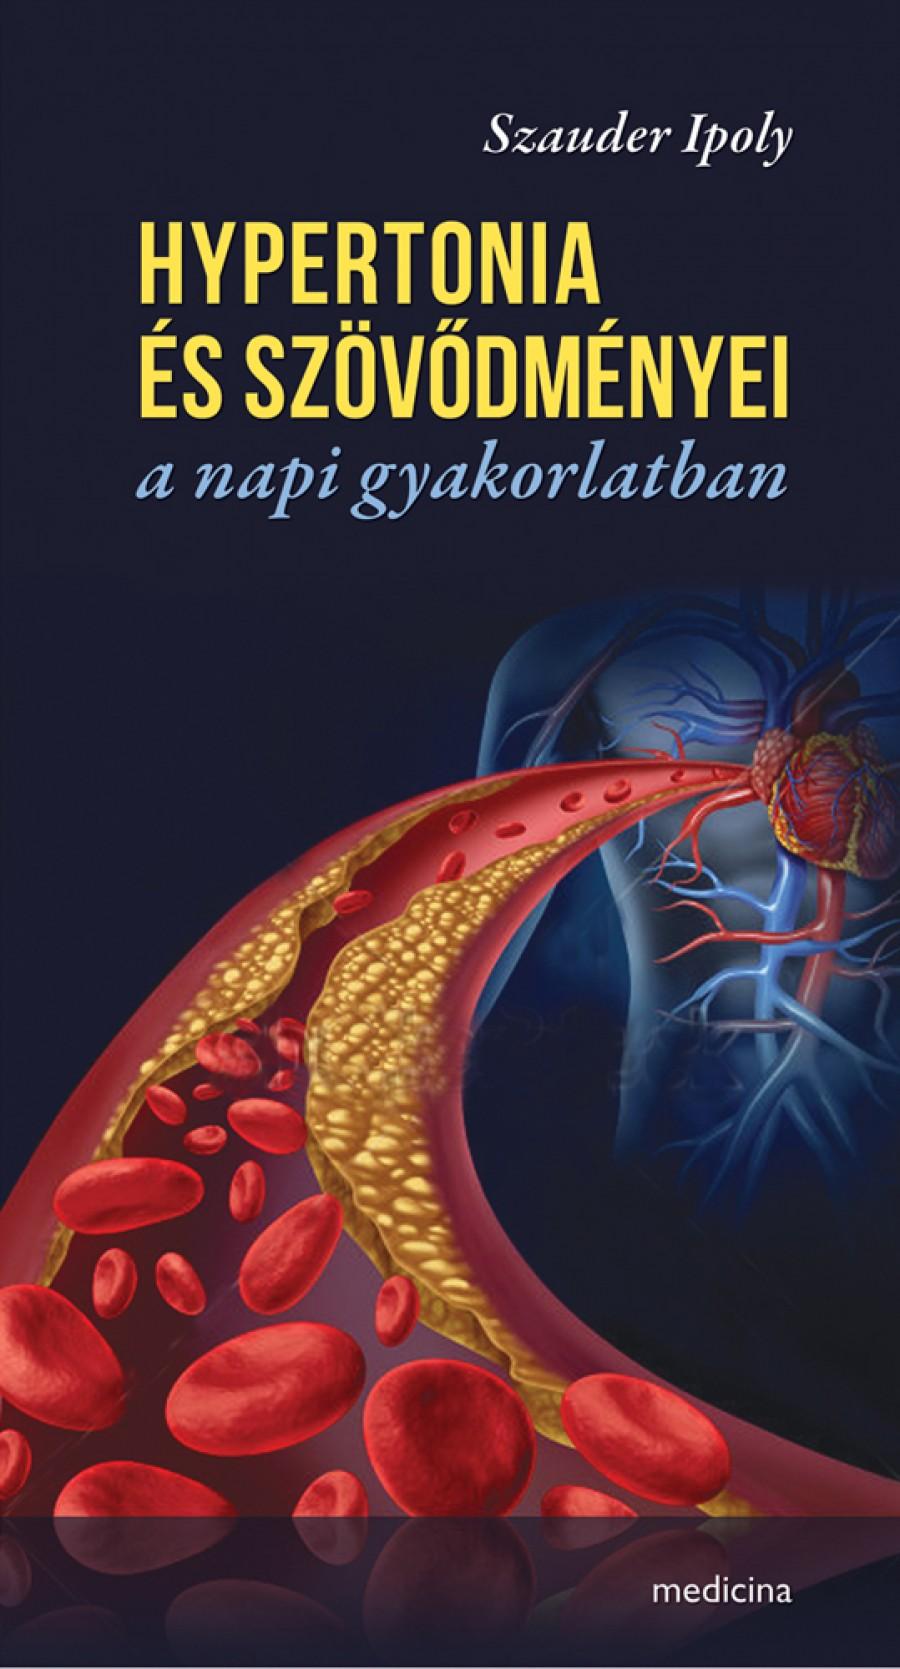 a hipertónia celandin-kezelése